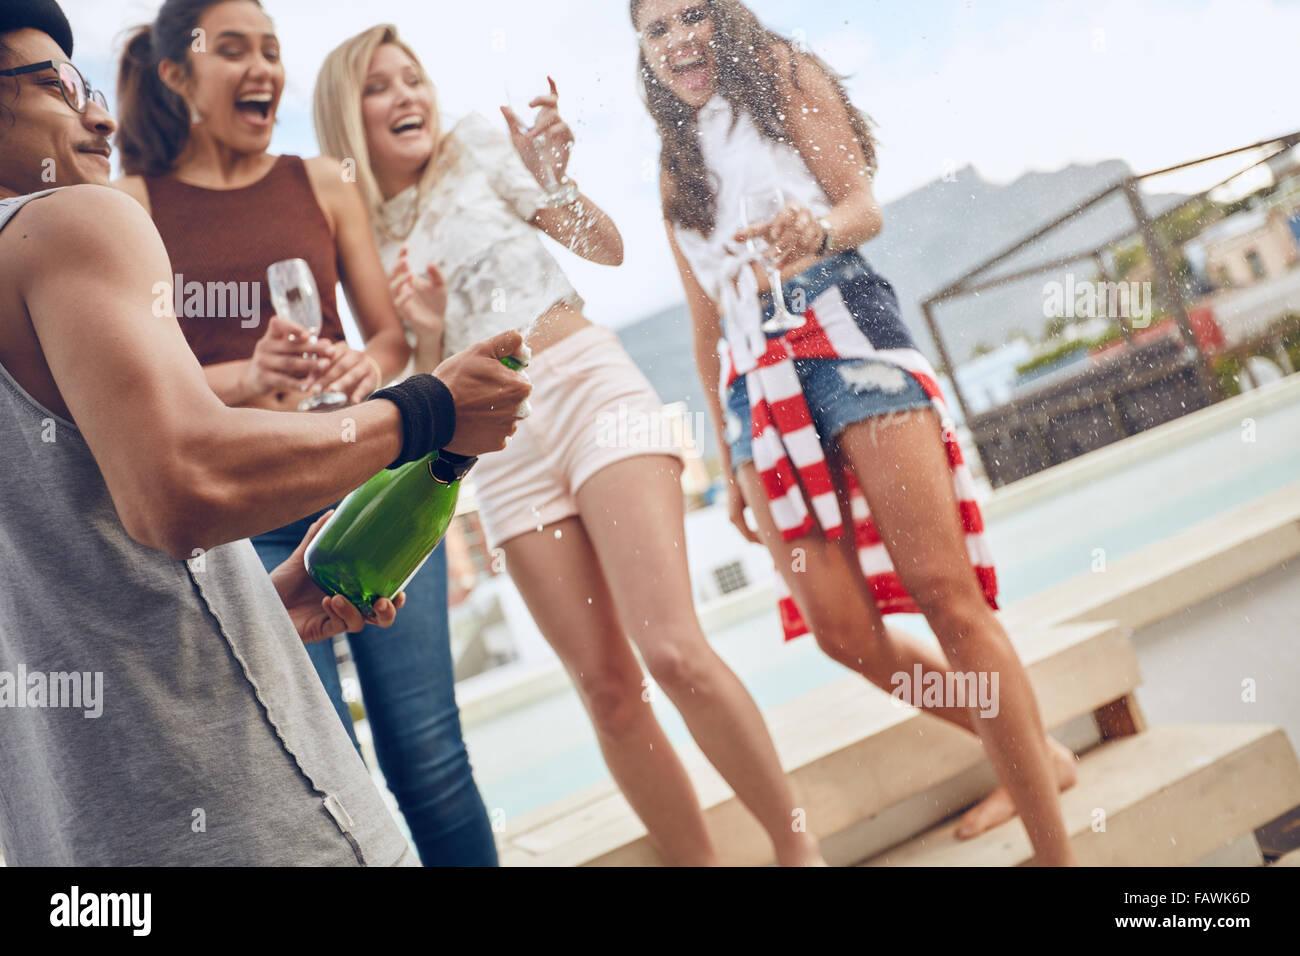 Parte de la imagen joven abrir una botella de champaña. Las mujeres de pie junto a una piscina celebración Imagen De Stock